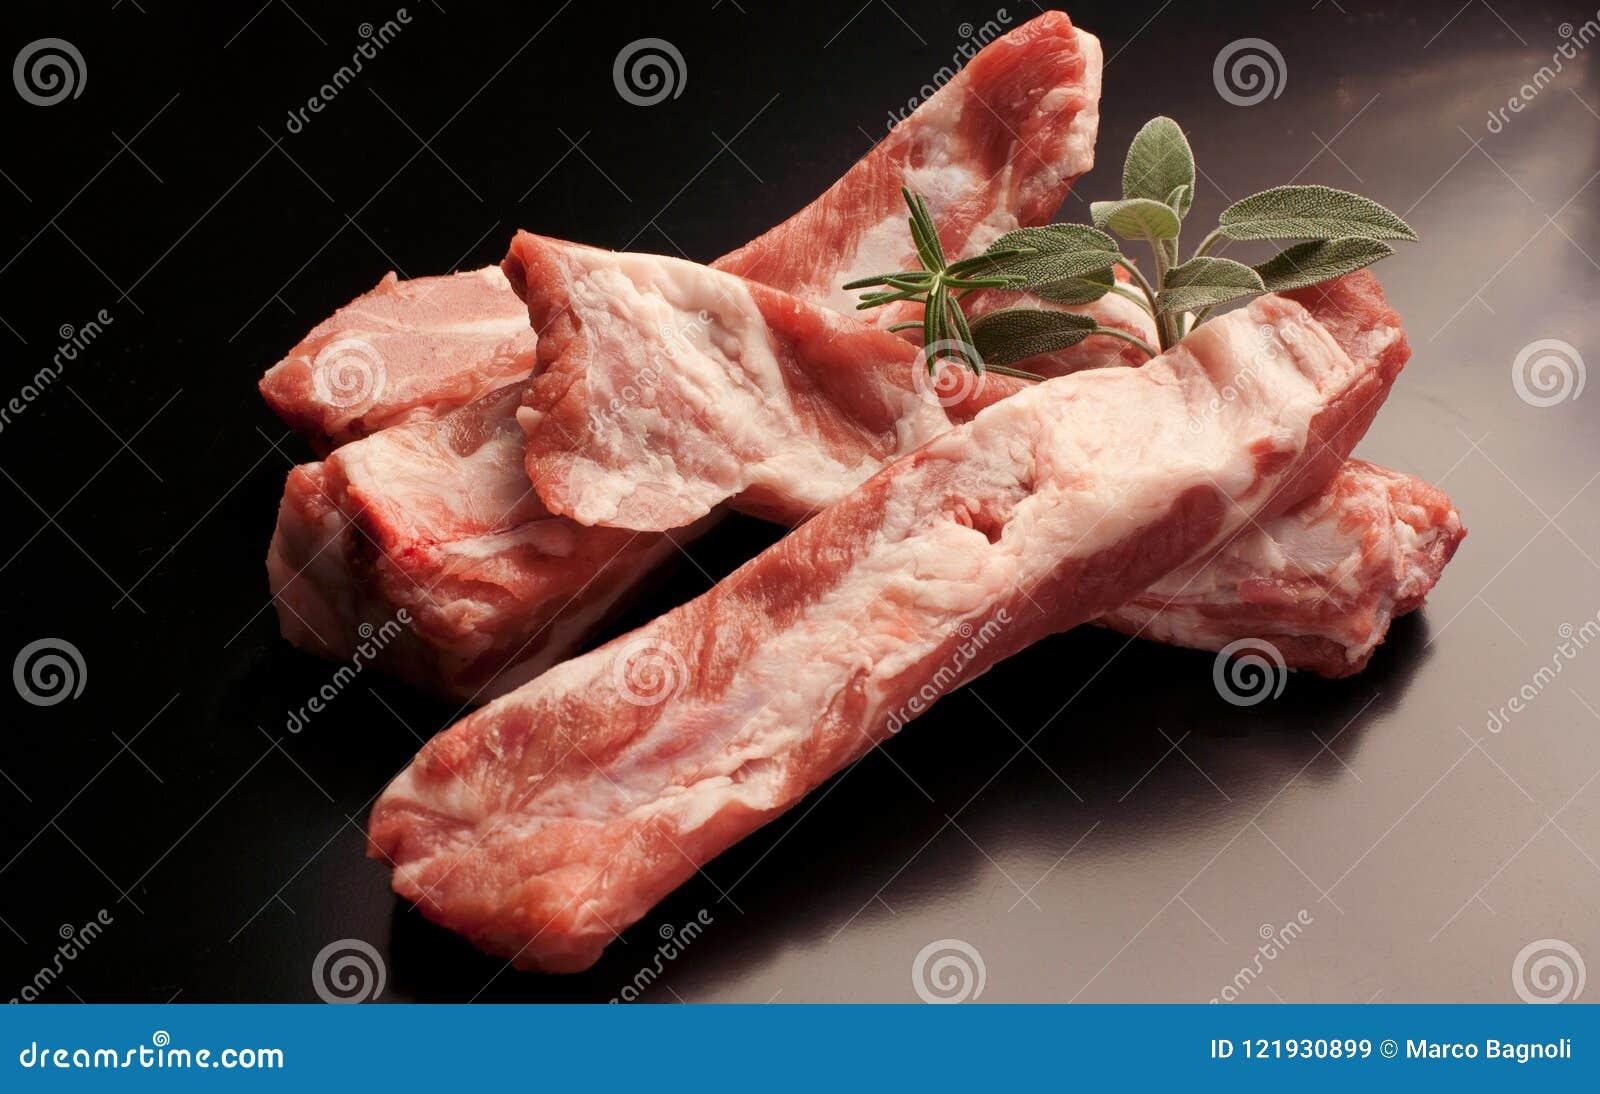 Rohe Schweinefleischrippen - rohes Fleisch